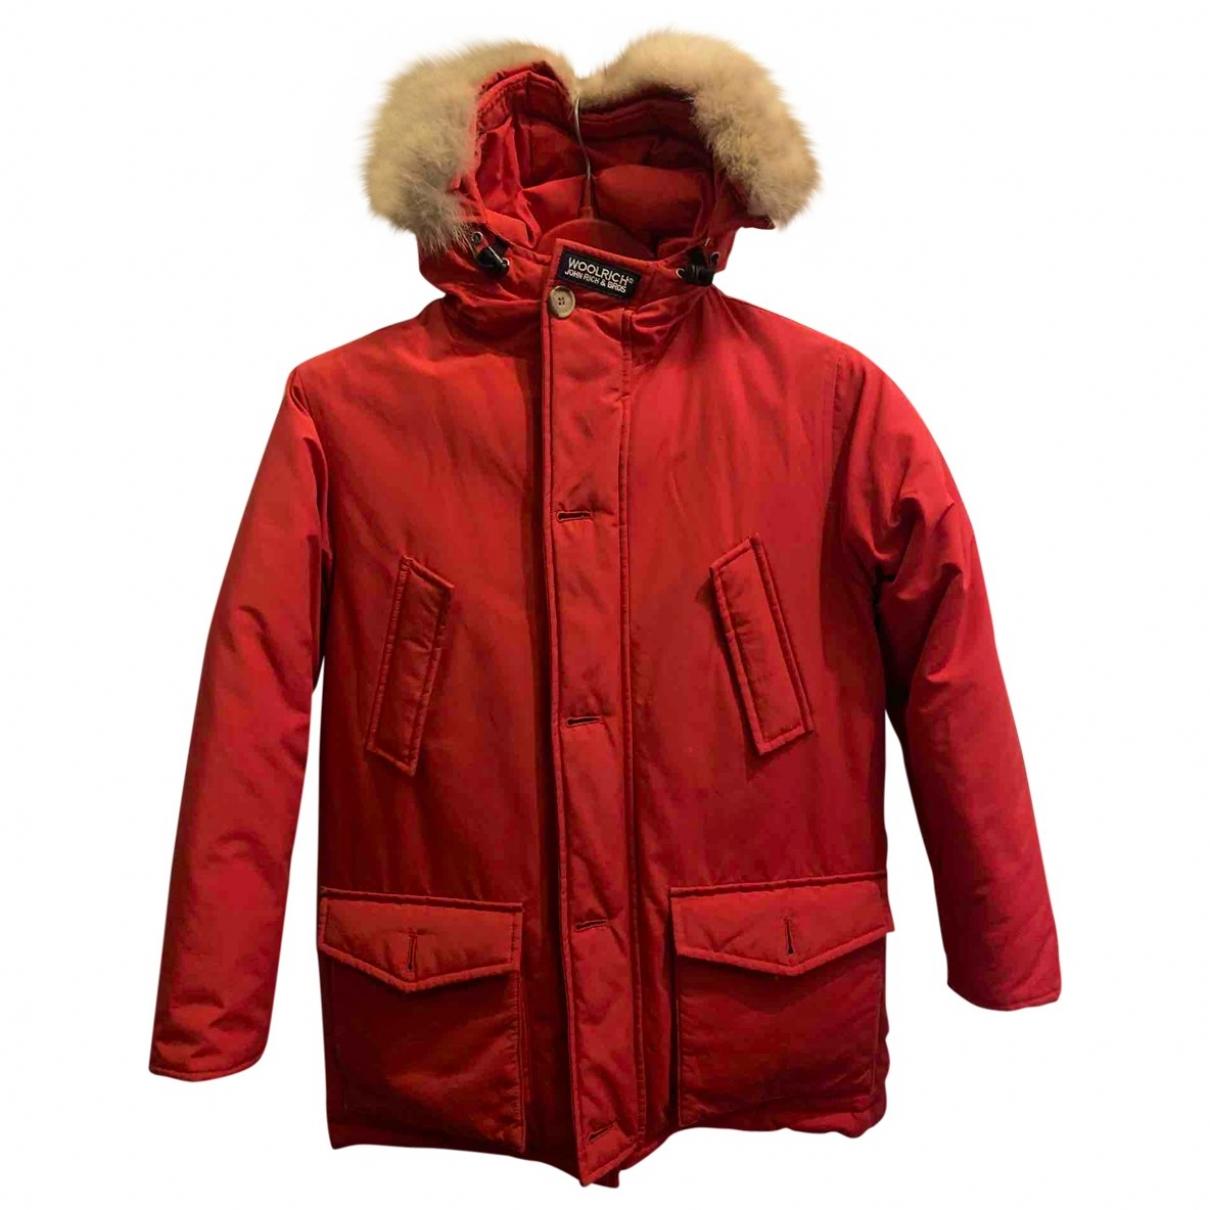 Woolrich \N Jacke, Maentel in  Rot Baumwolle